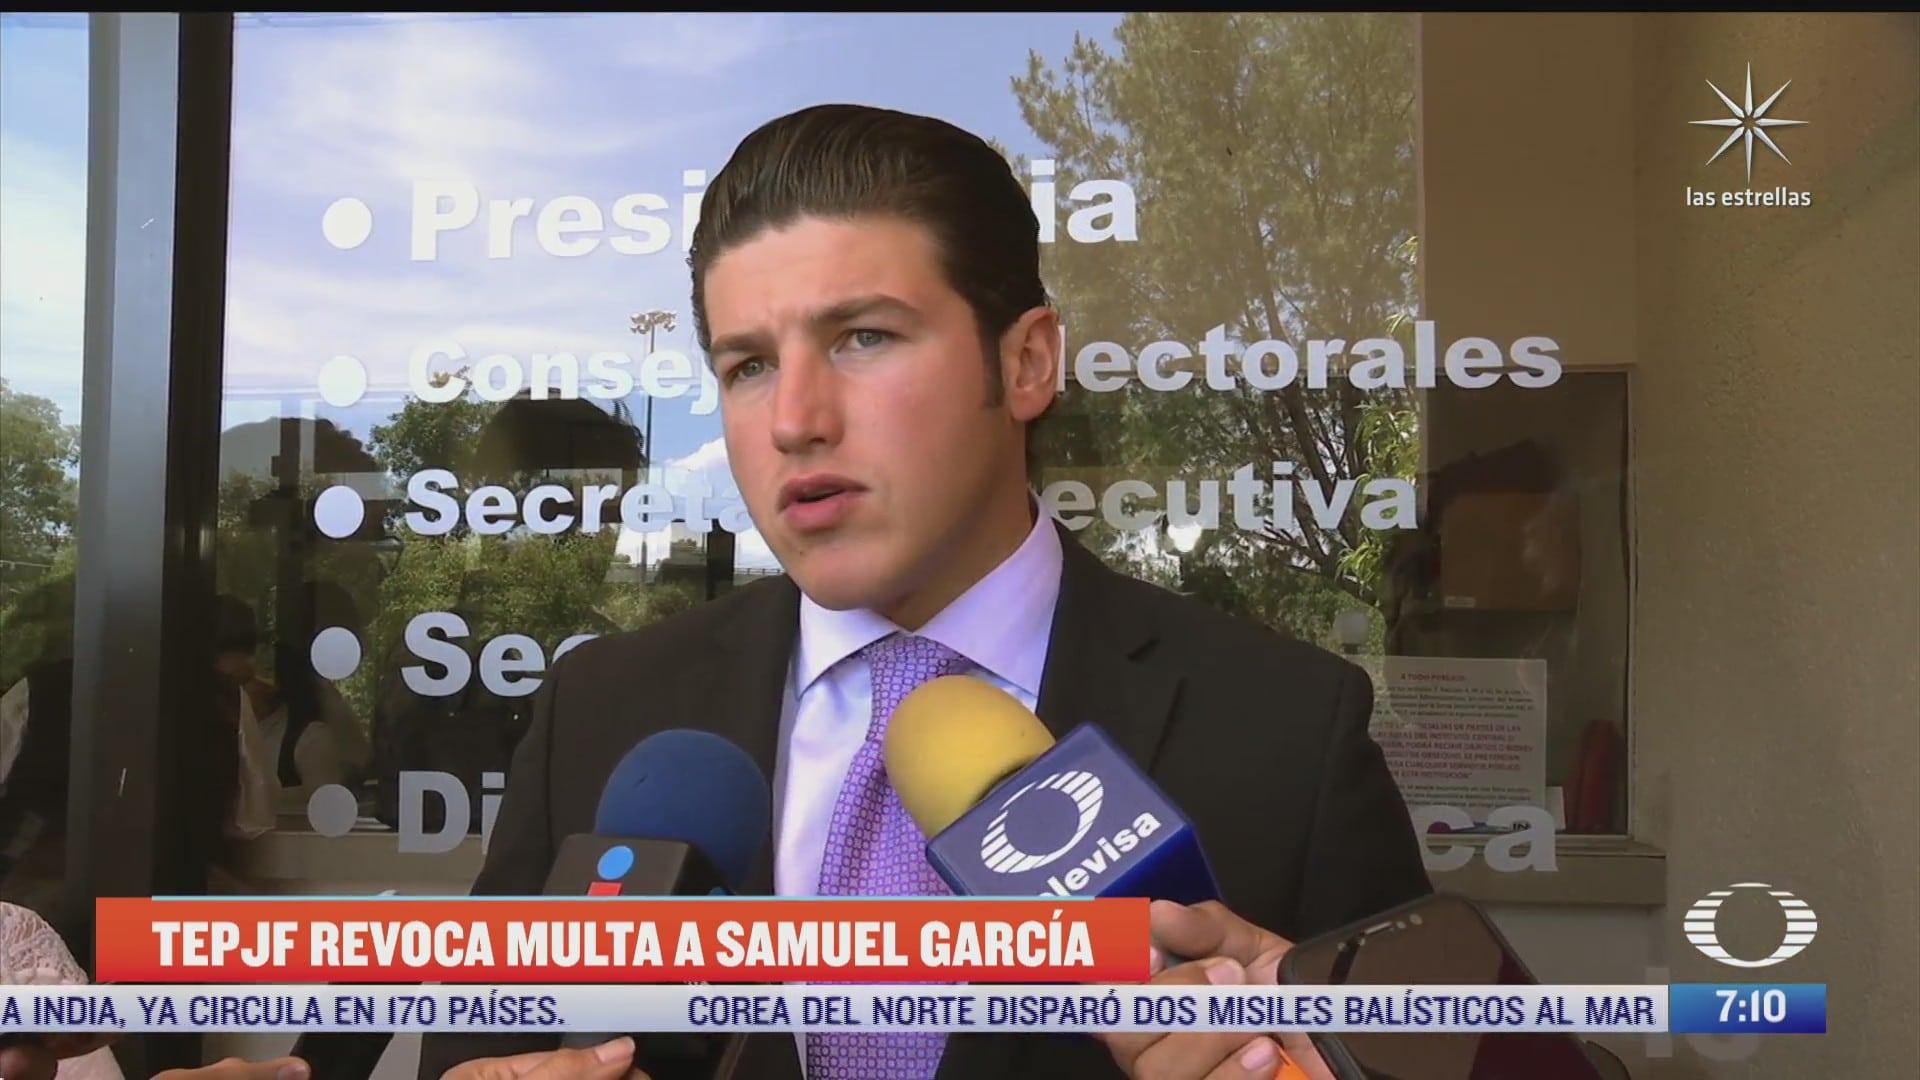 tepjf revoca sancion impuesta por el ine a samuel garcia